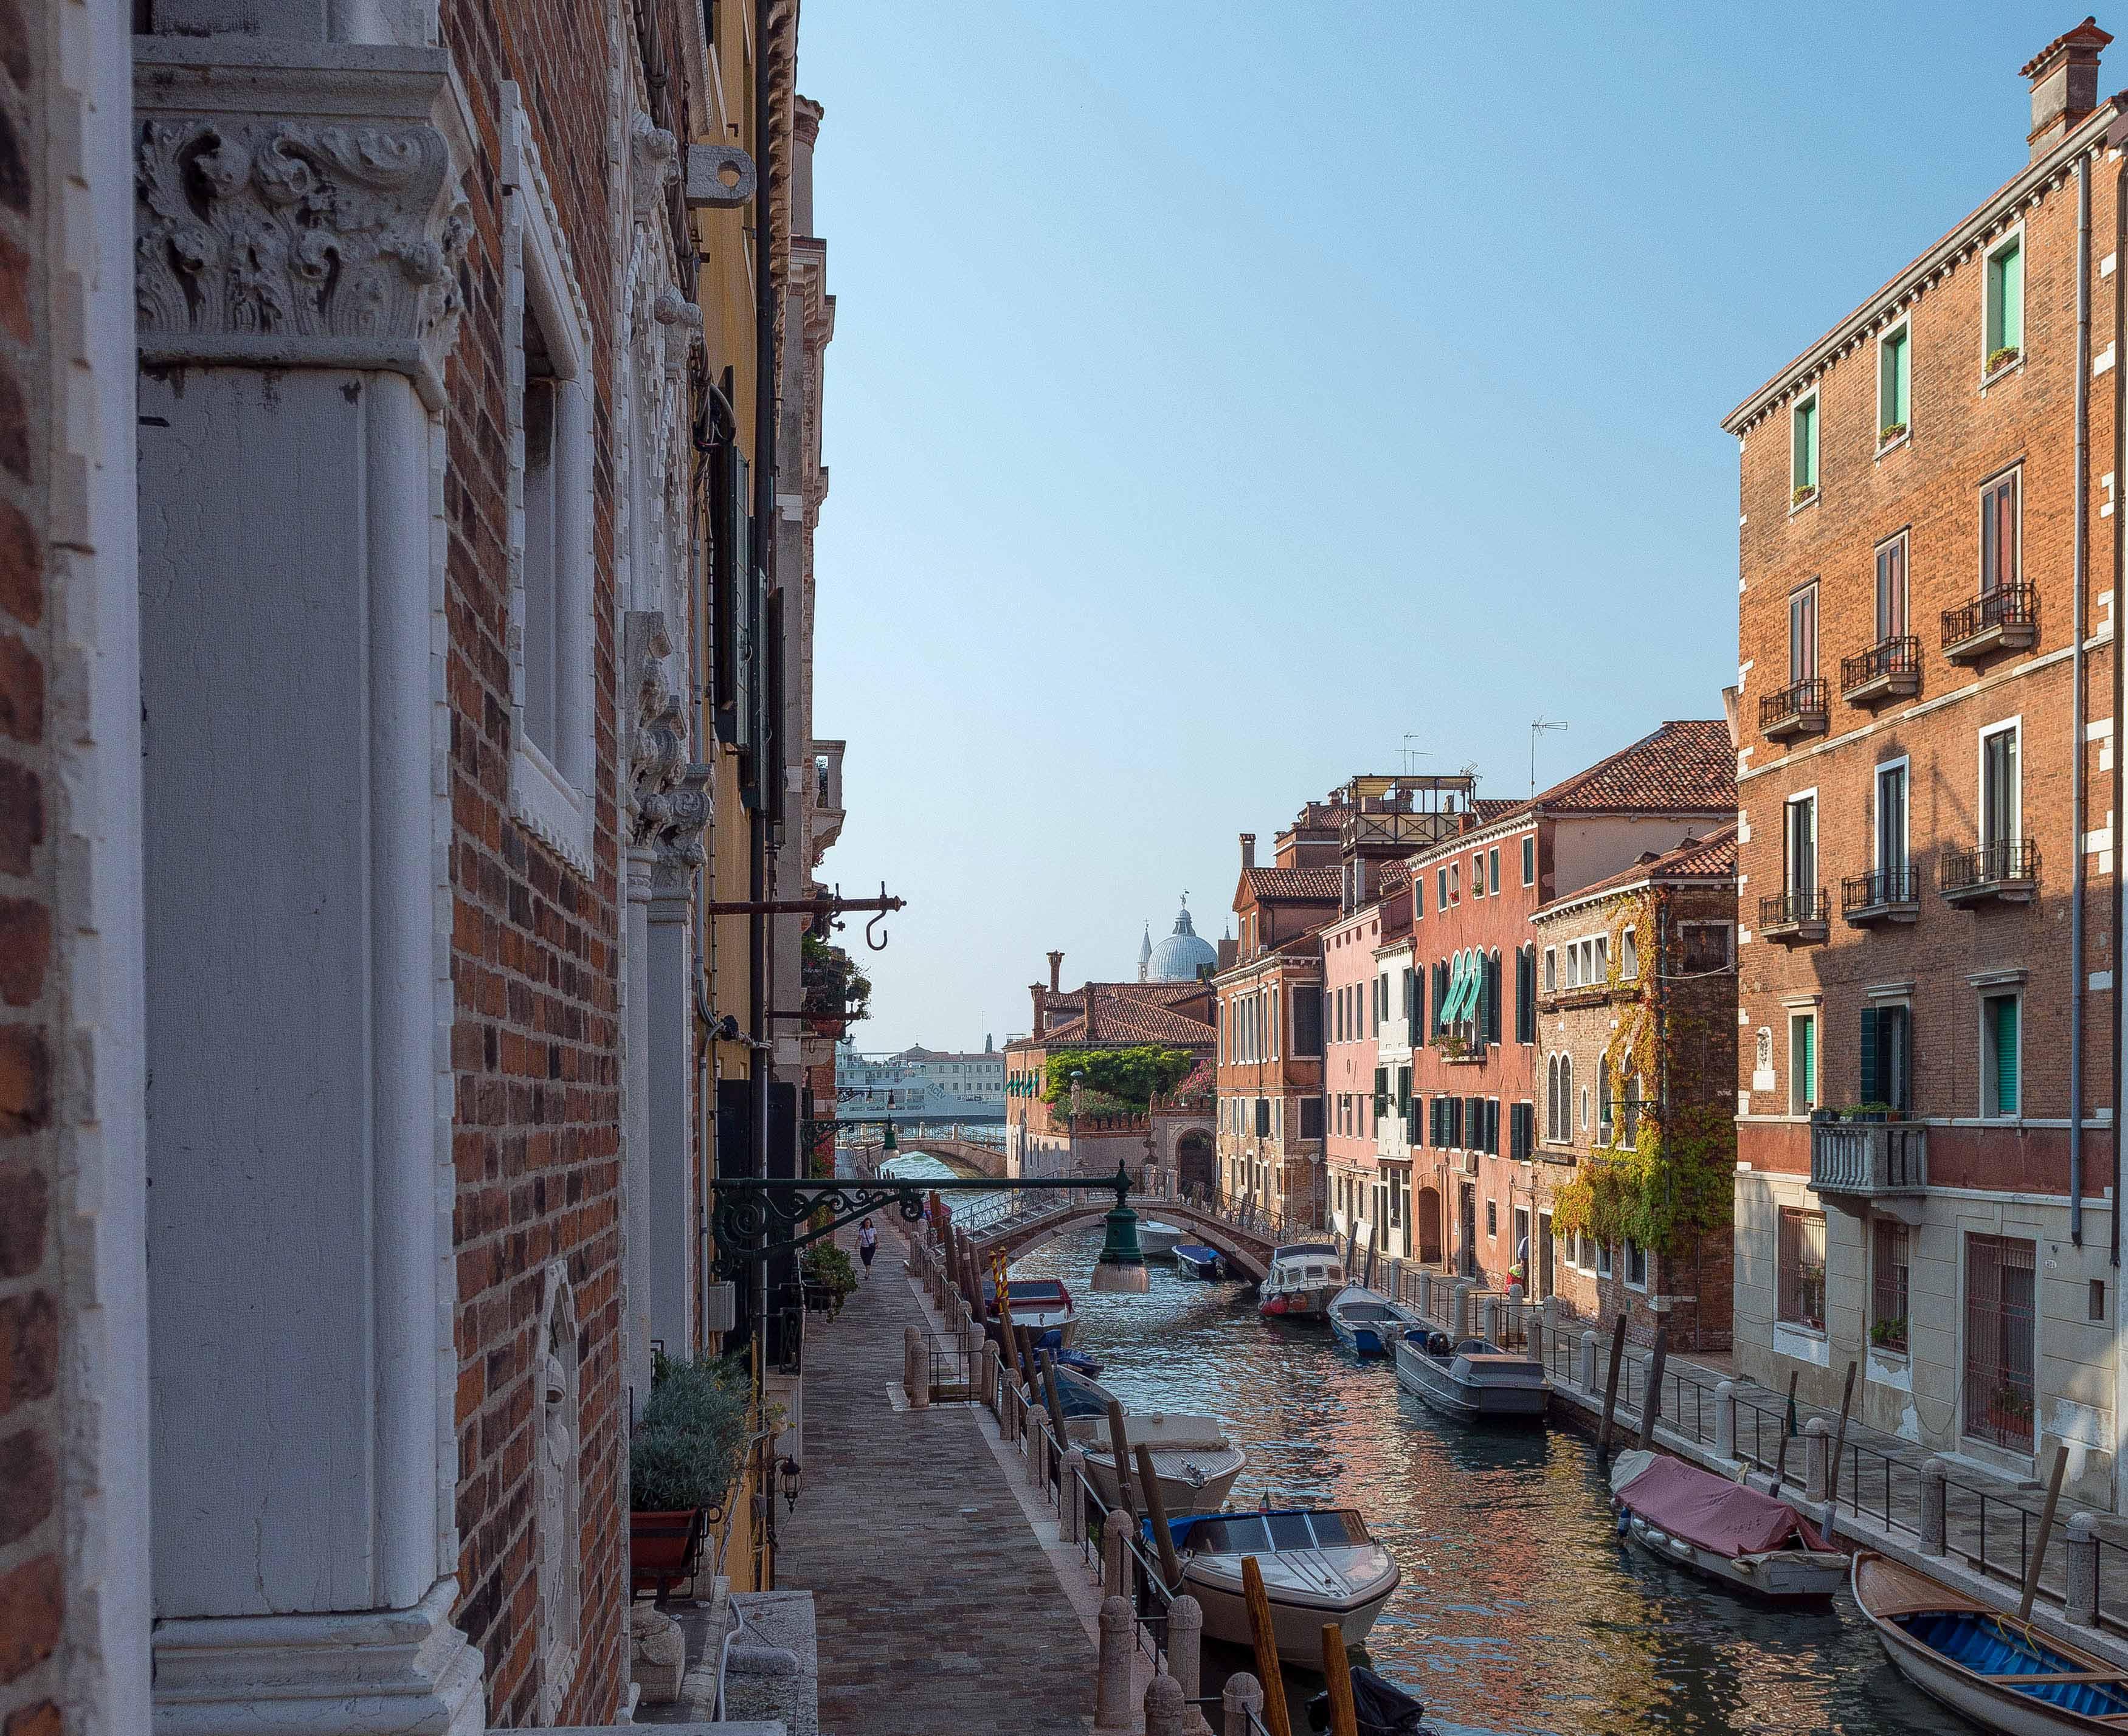 Vue sur un canal de Venise